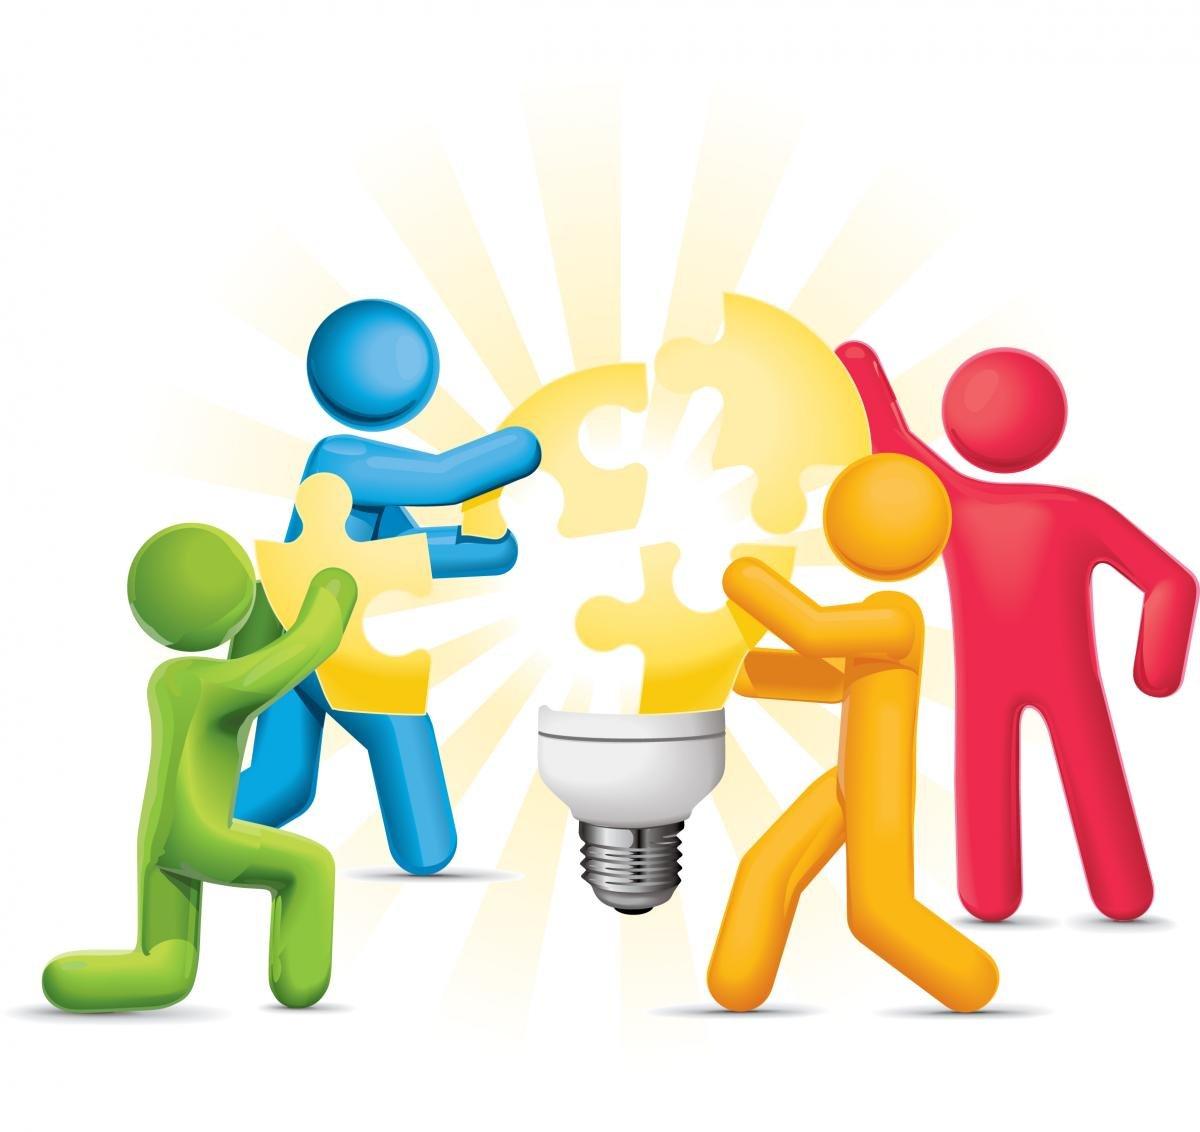 collaborative s crea ve communi es - HD1024×901